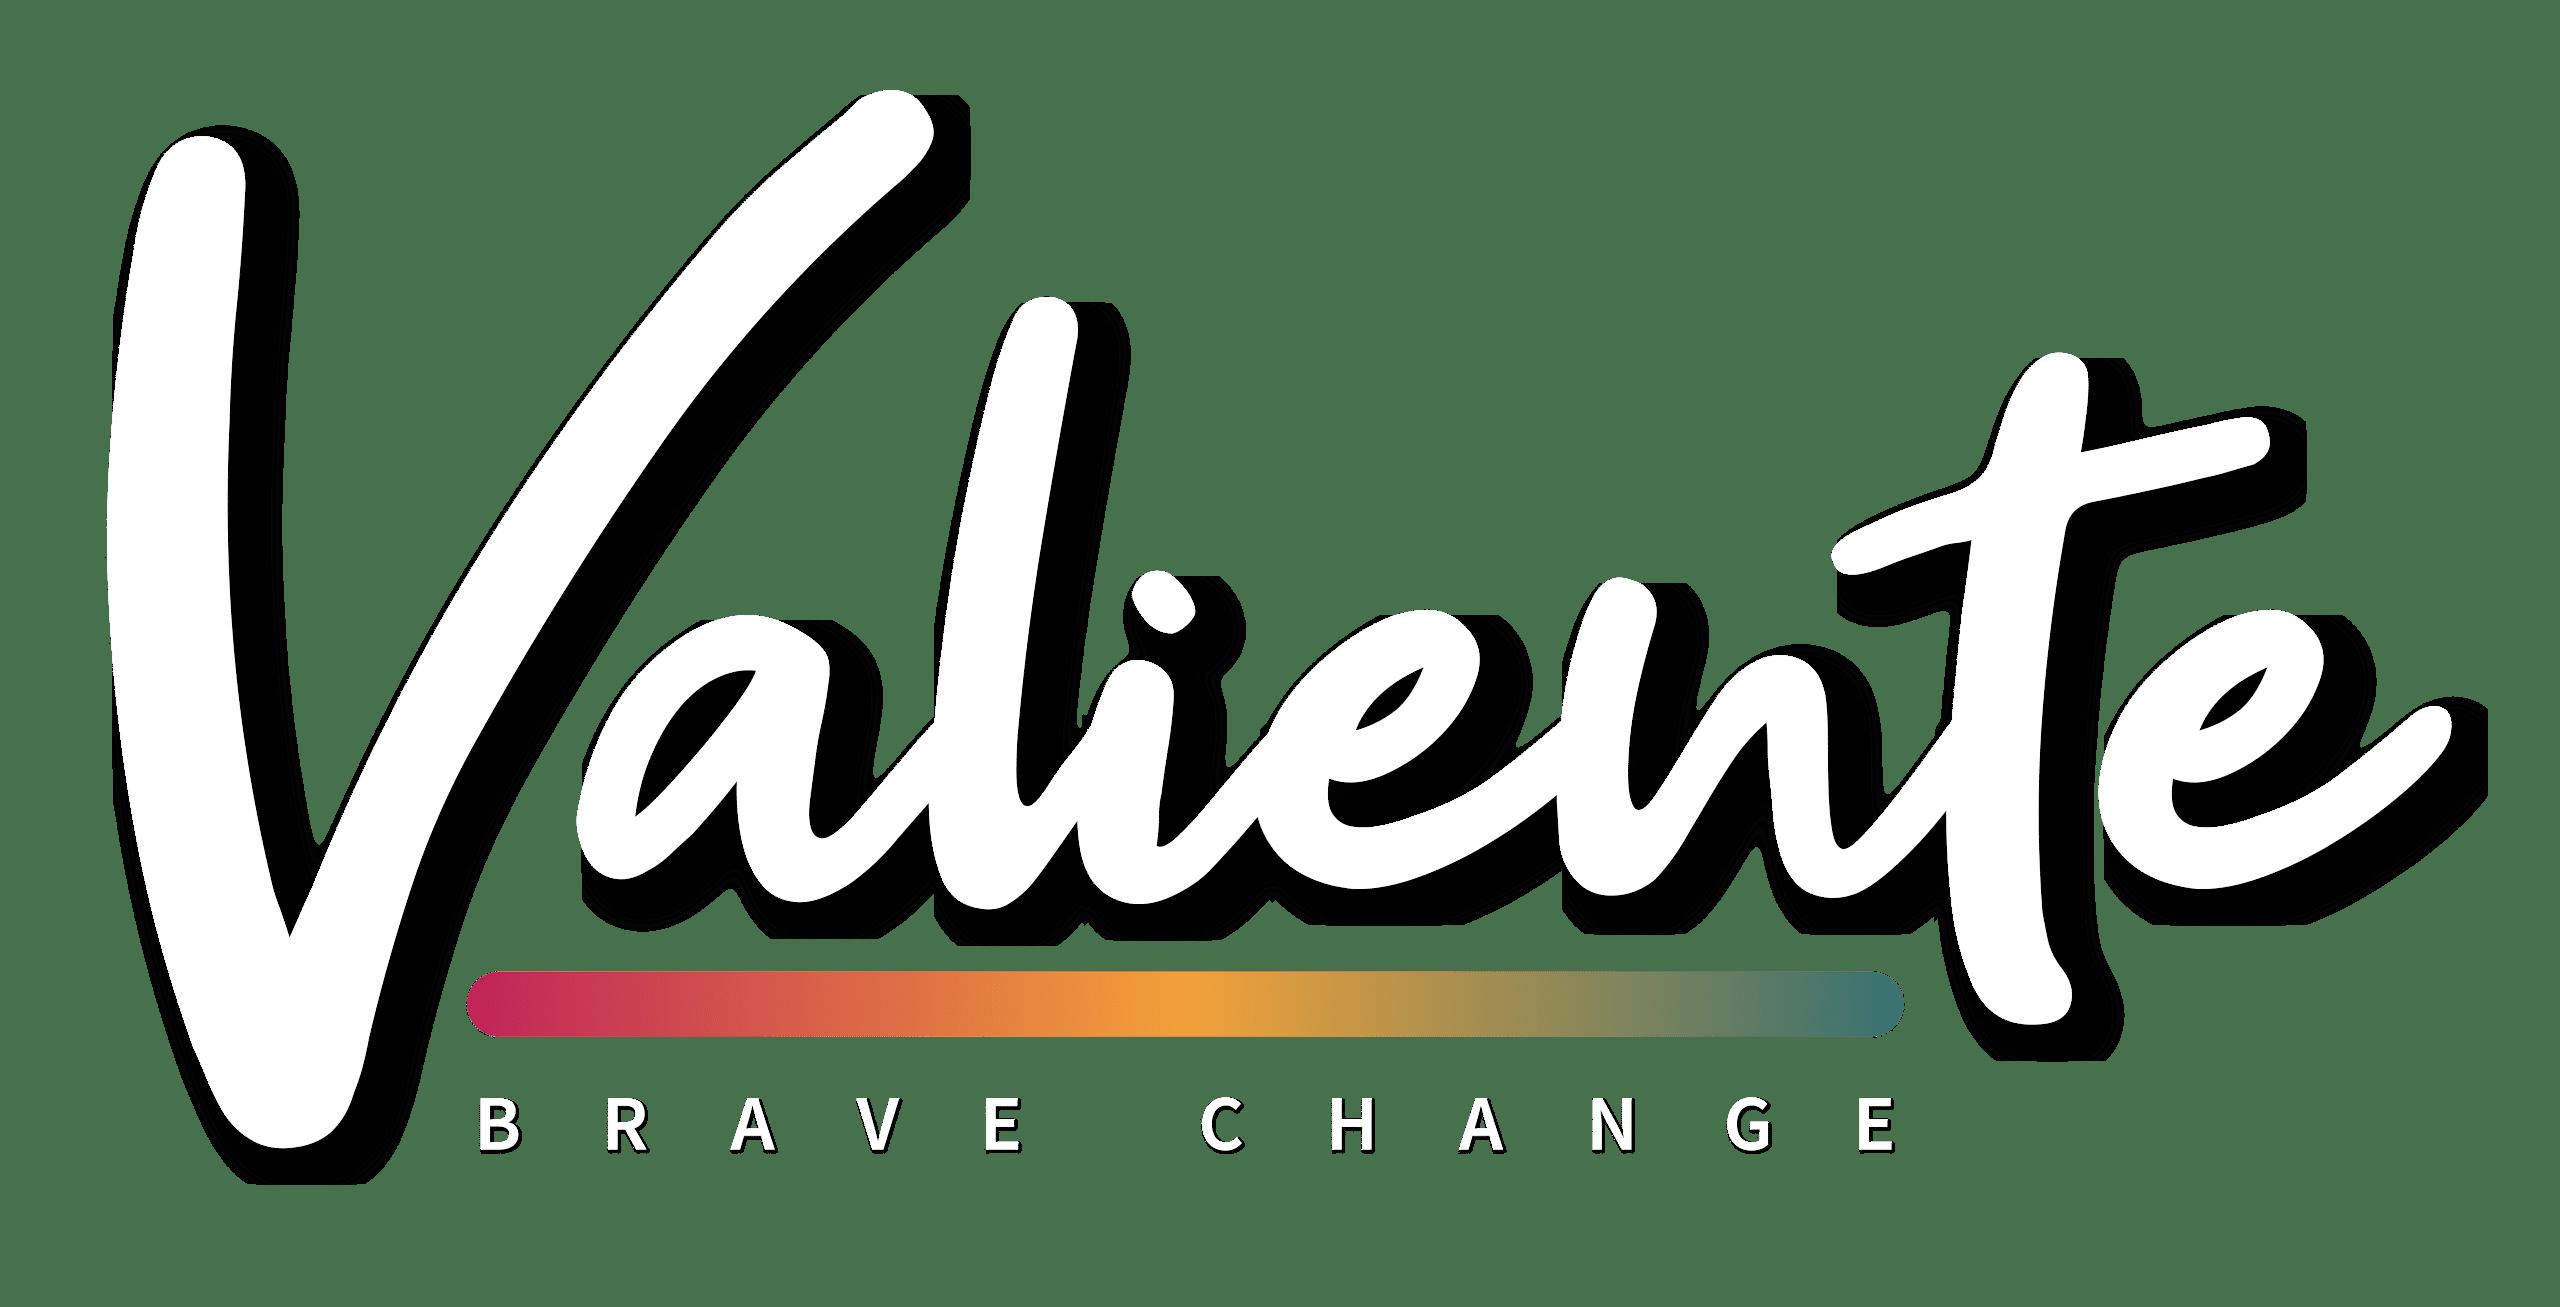 Valiente. Brave Change.